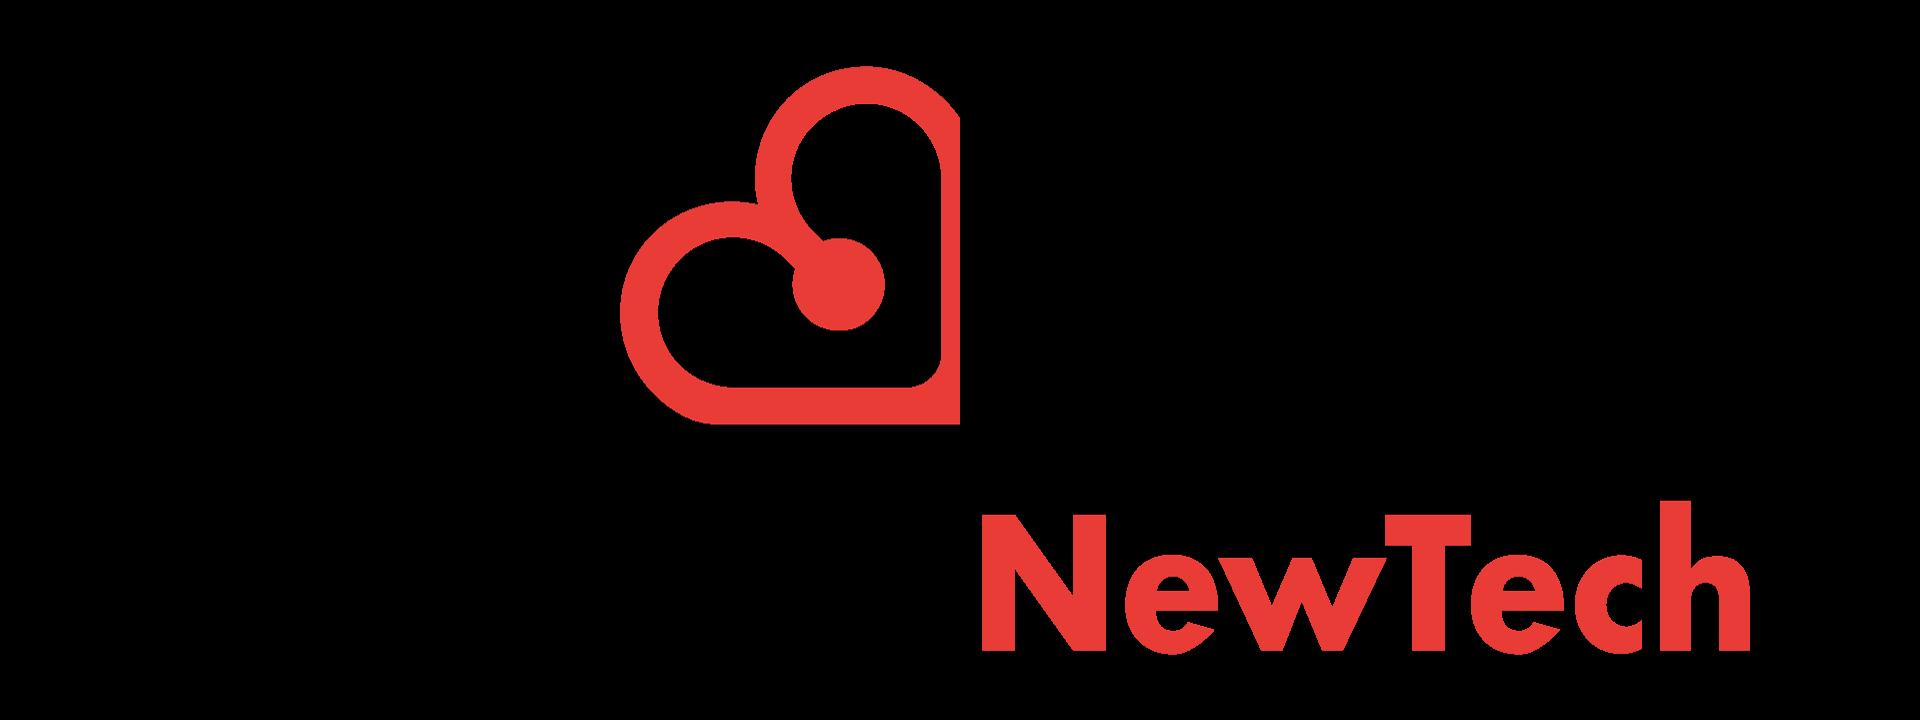 MTL NewTech